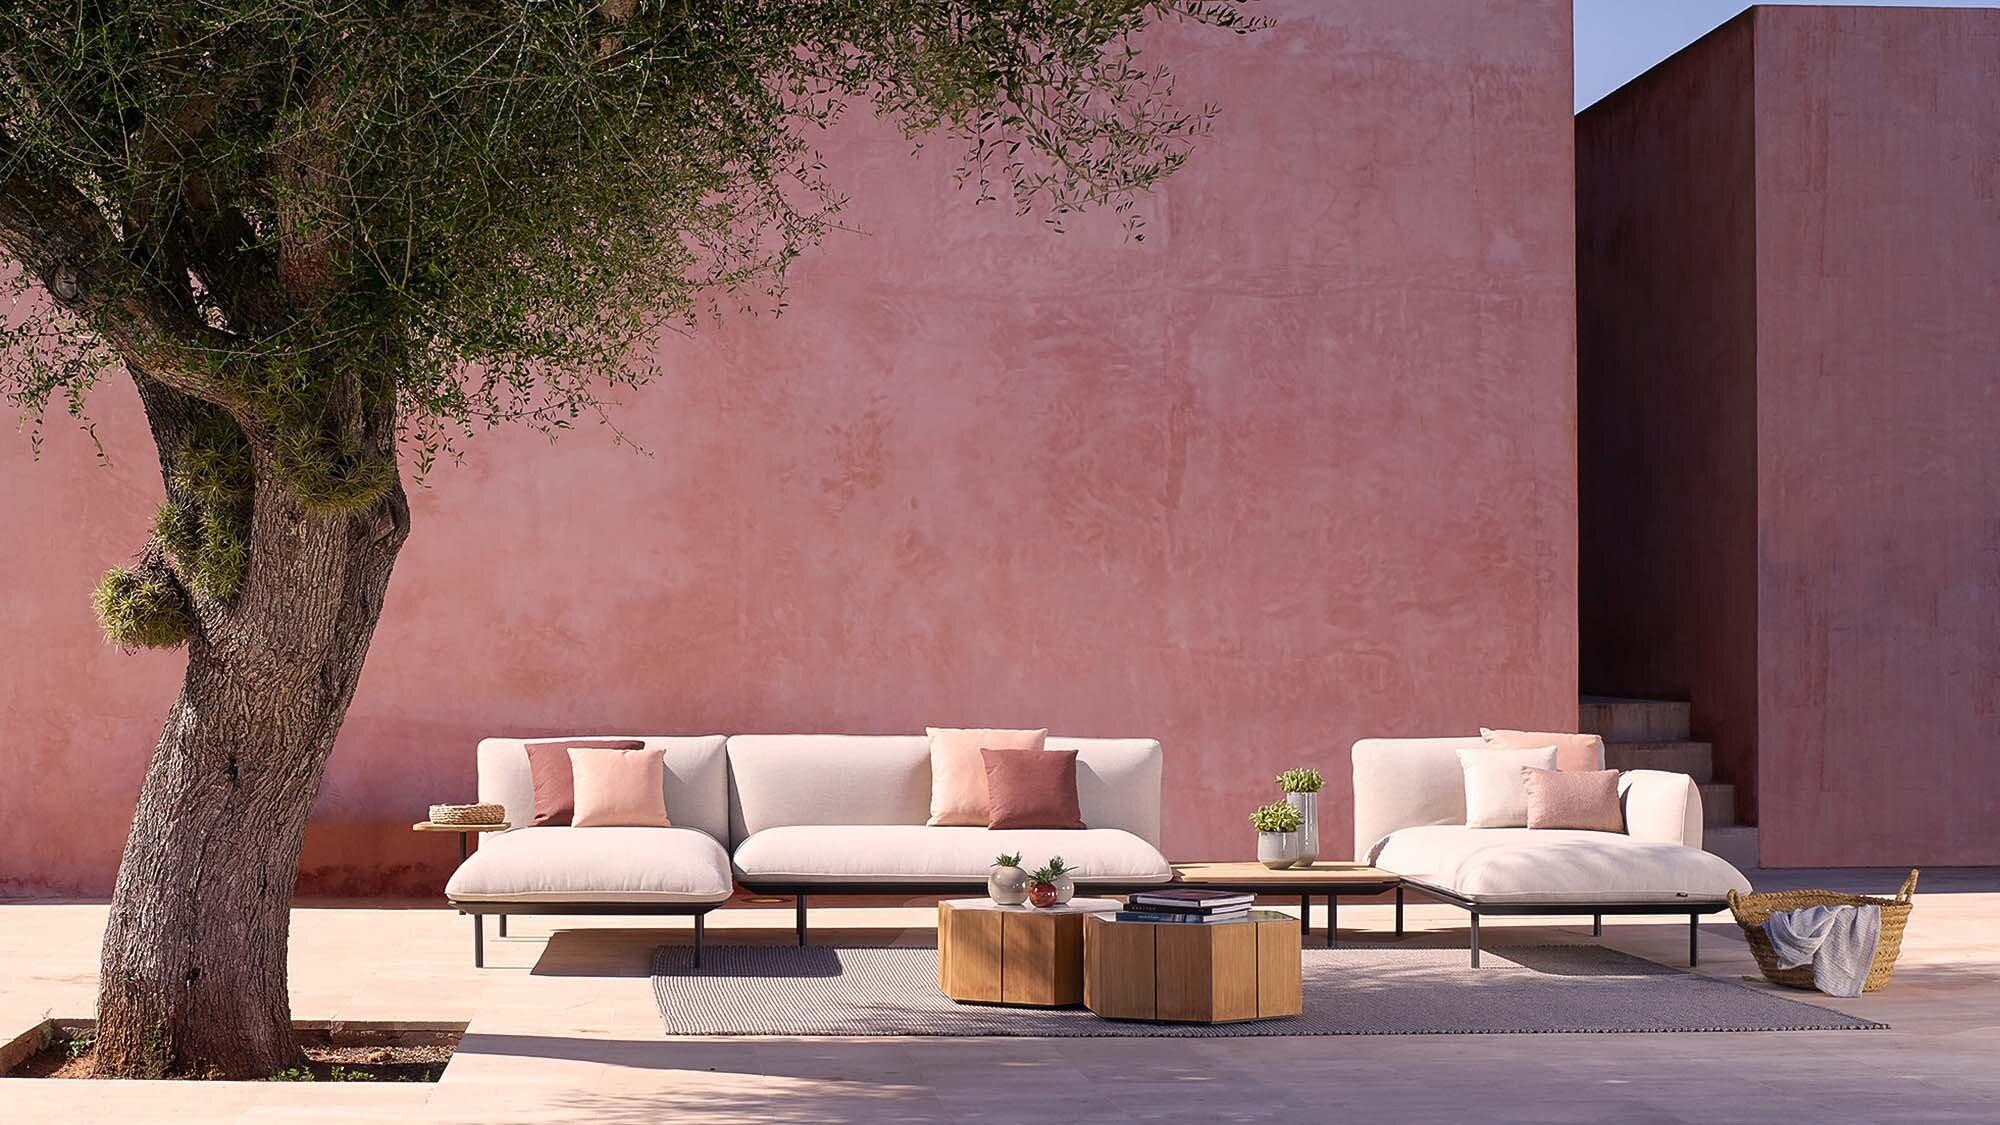 outdoor möbel & accessoires — cmg schweiz möbel & accessoires